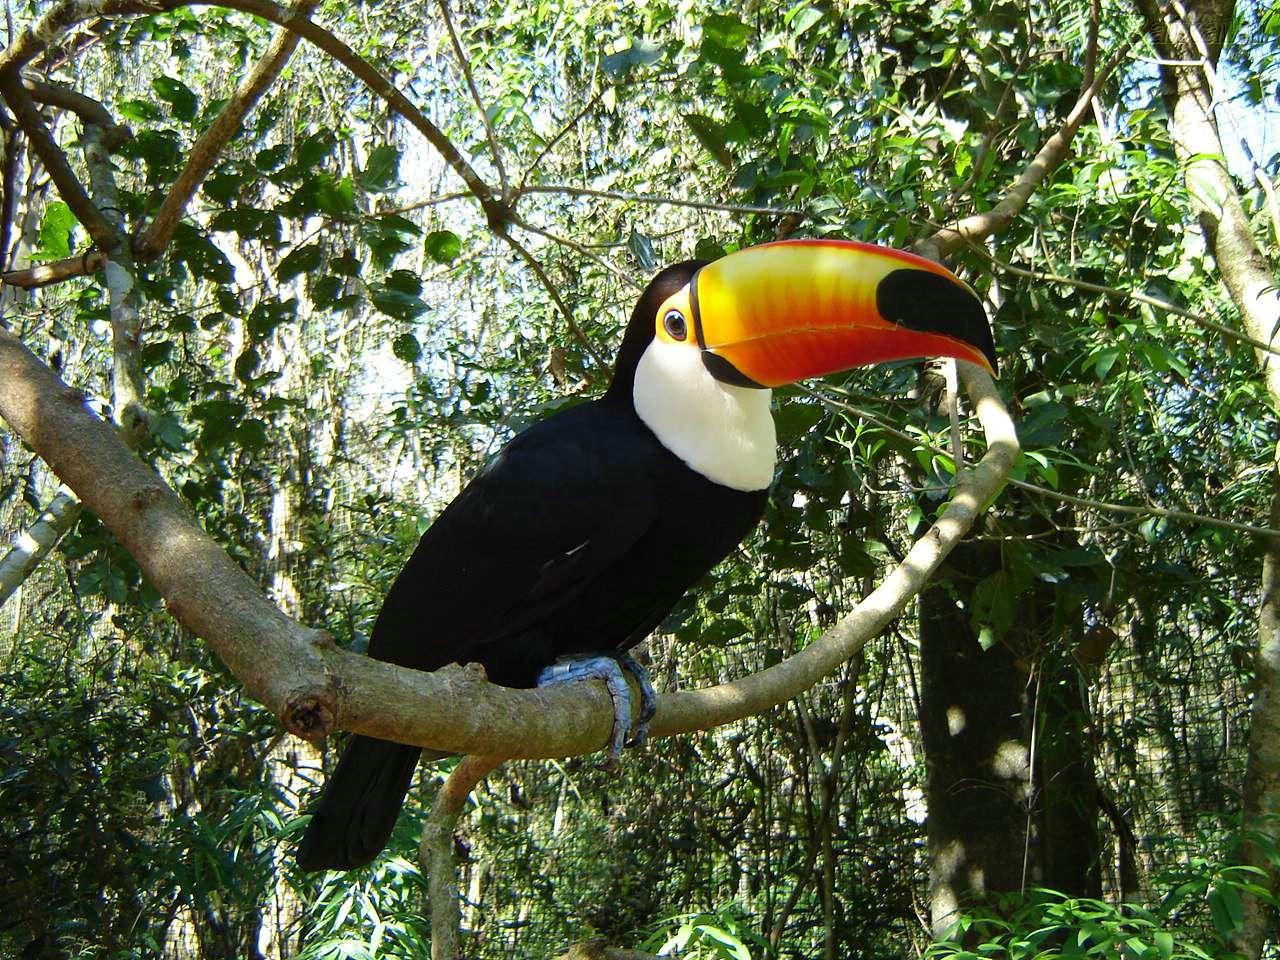 http://4.bp.blogspot.com/-WC_BilfFBwI/TZHfBQhY35I/AAAAAAAABI8/_QvobPgLvy8/s1600/BXK38638_tucano800.jpg